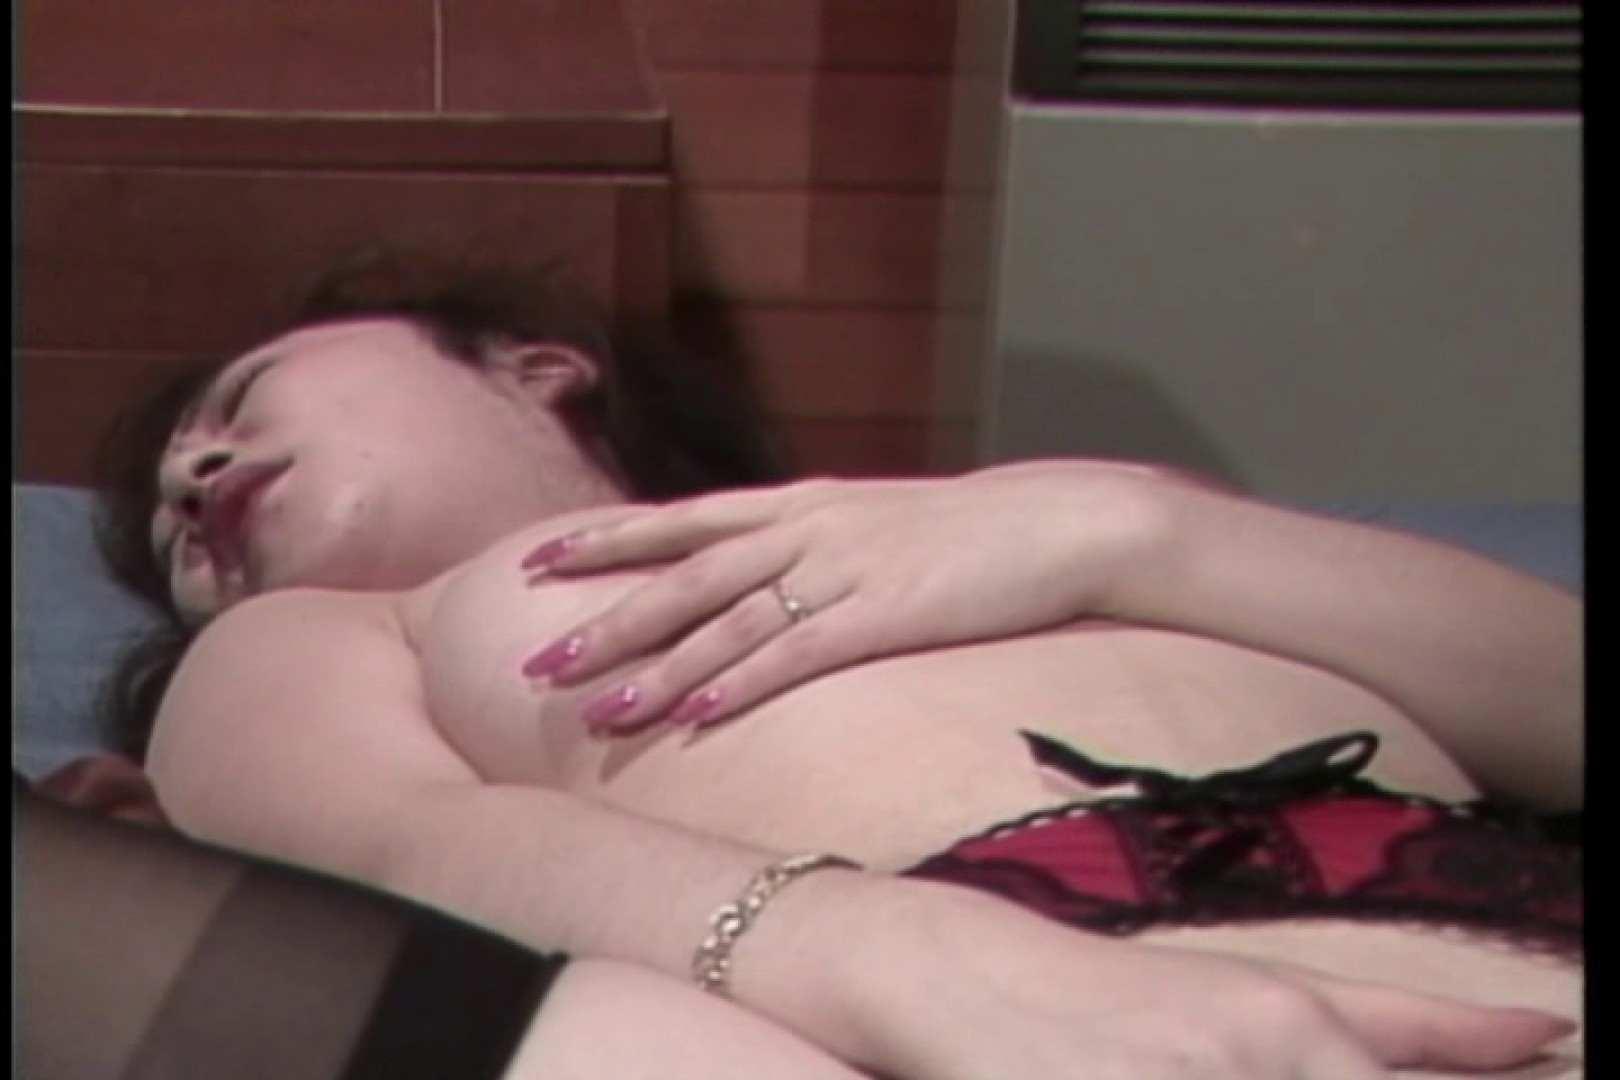 変態亜美のアブノーマルな世界・前編~夢野亜美~ オナニー特集   巨乳デカ乳  112画像 96